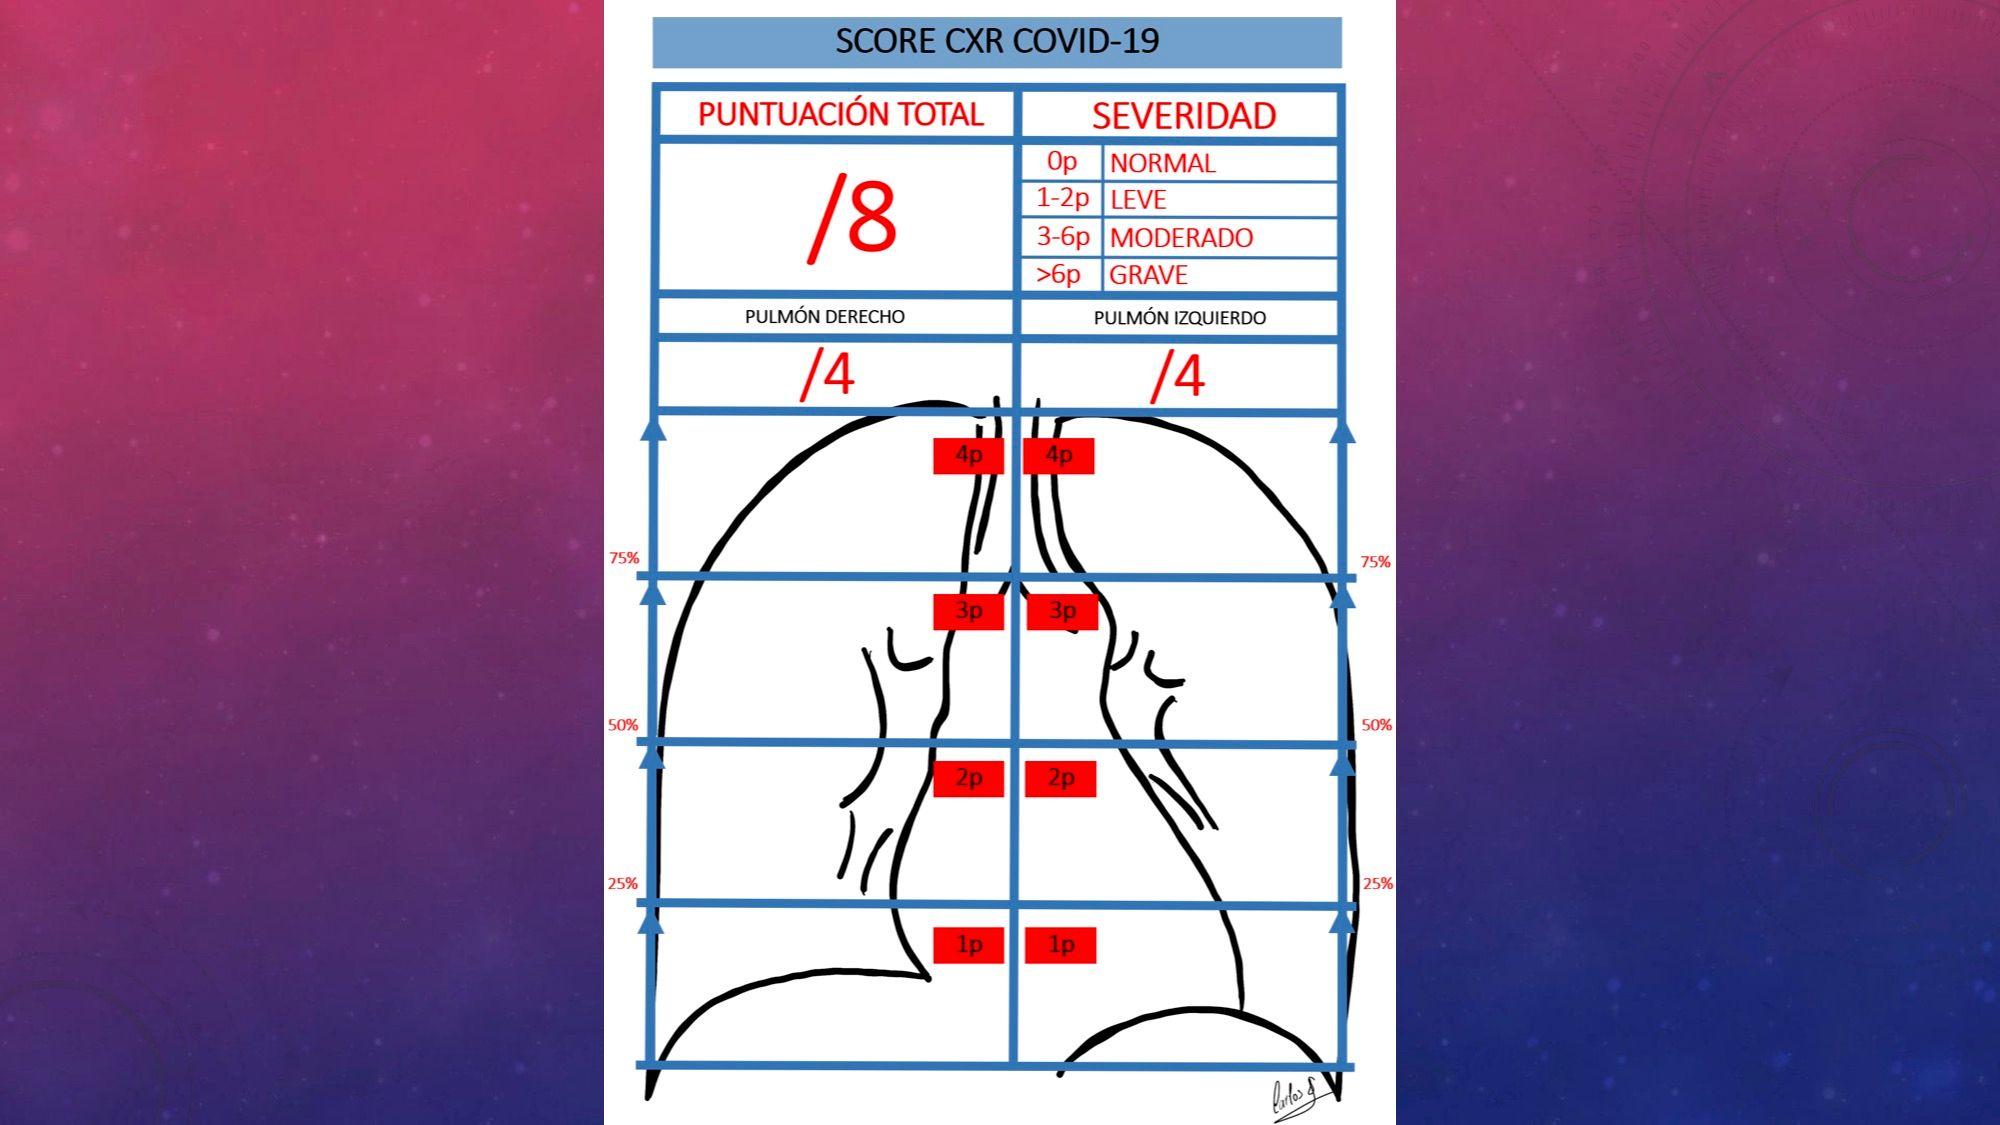 Estratificación severidad radiológica COVID-19 mediante RX